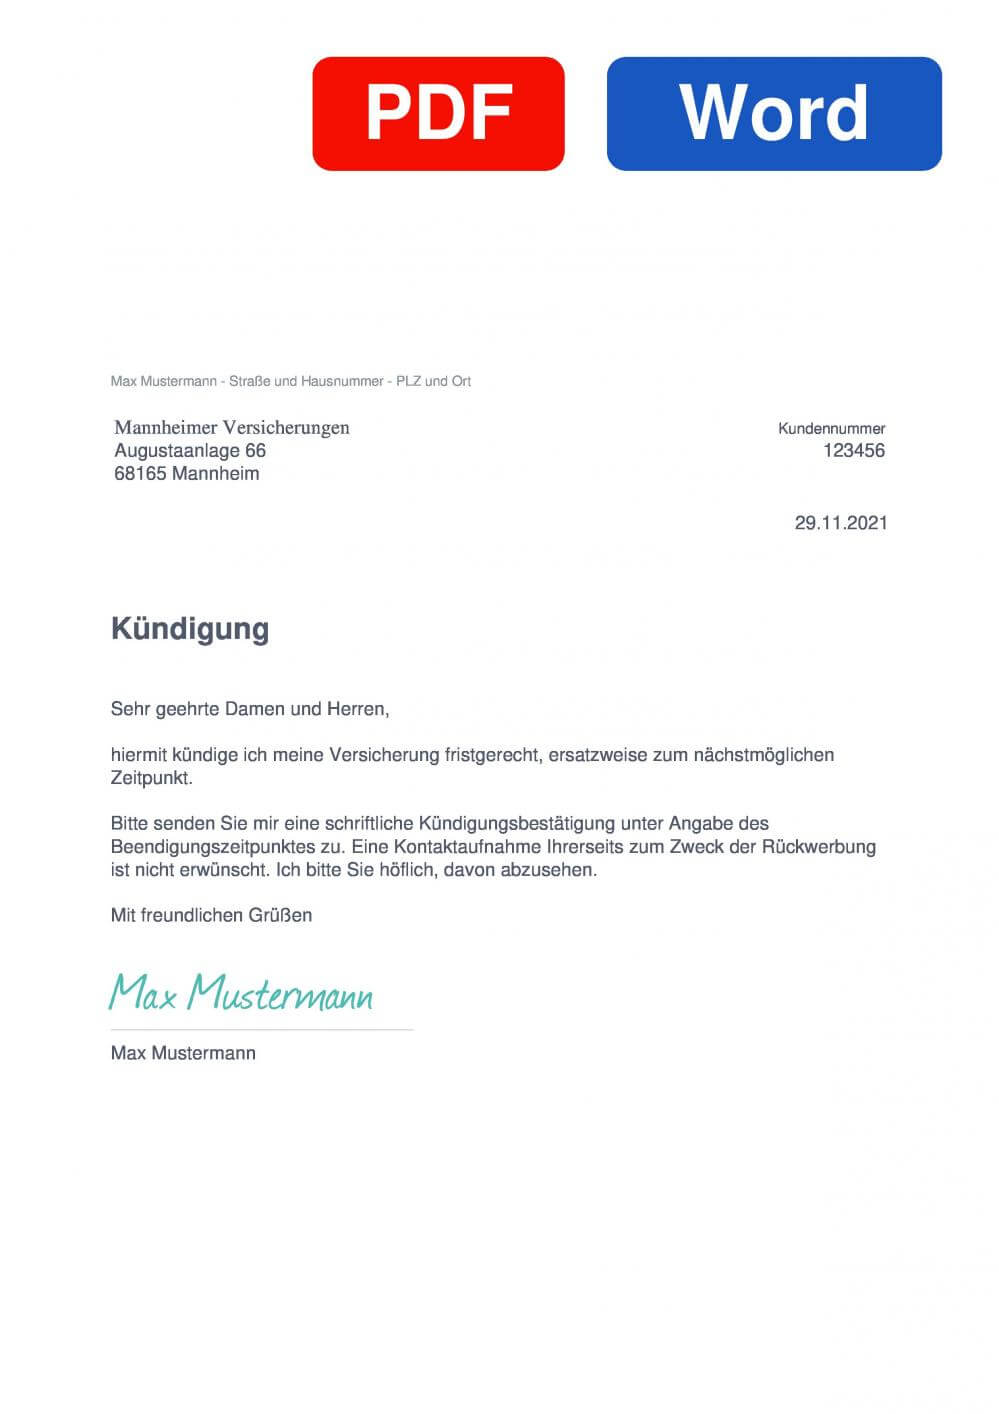 Mannheimer Hausratversicherung Muster Vorlage für Kündigungsschreiben